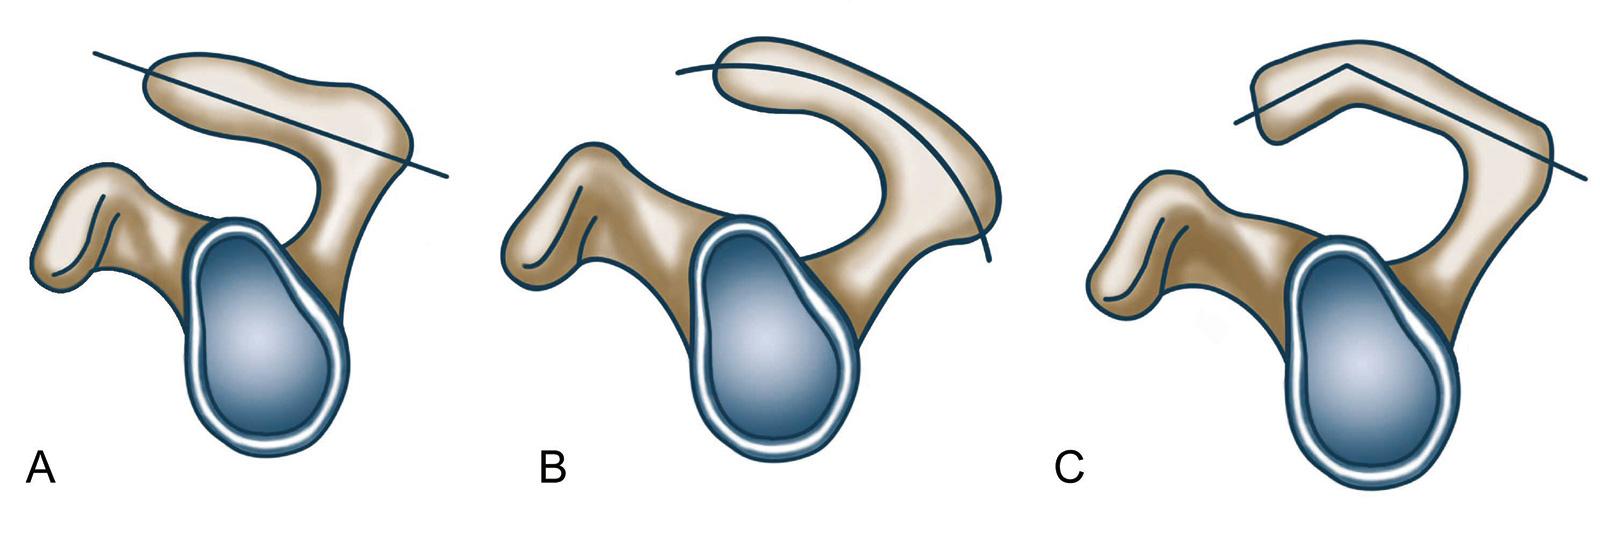 Abb. 2-7: Einteilung nach Bigliani: Typ 1 (A), Typ 2 (B) und Typ 3 (C)